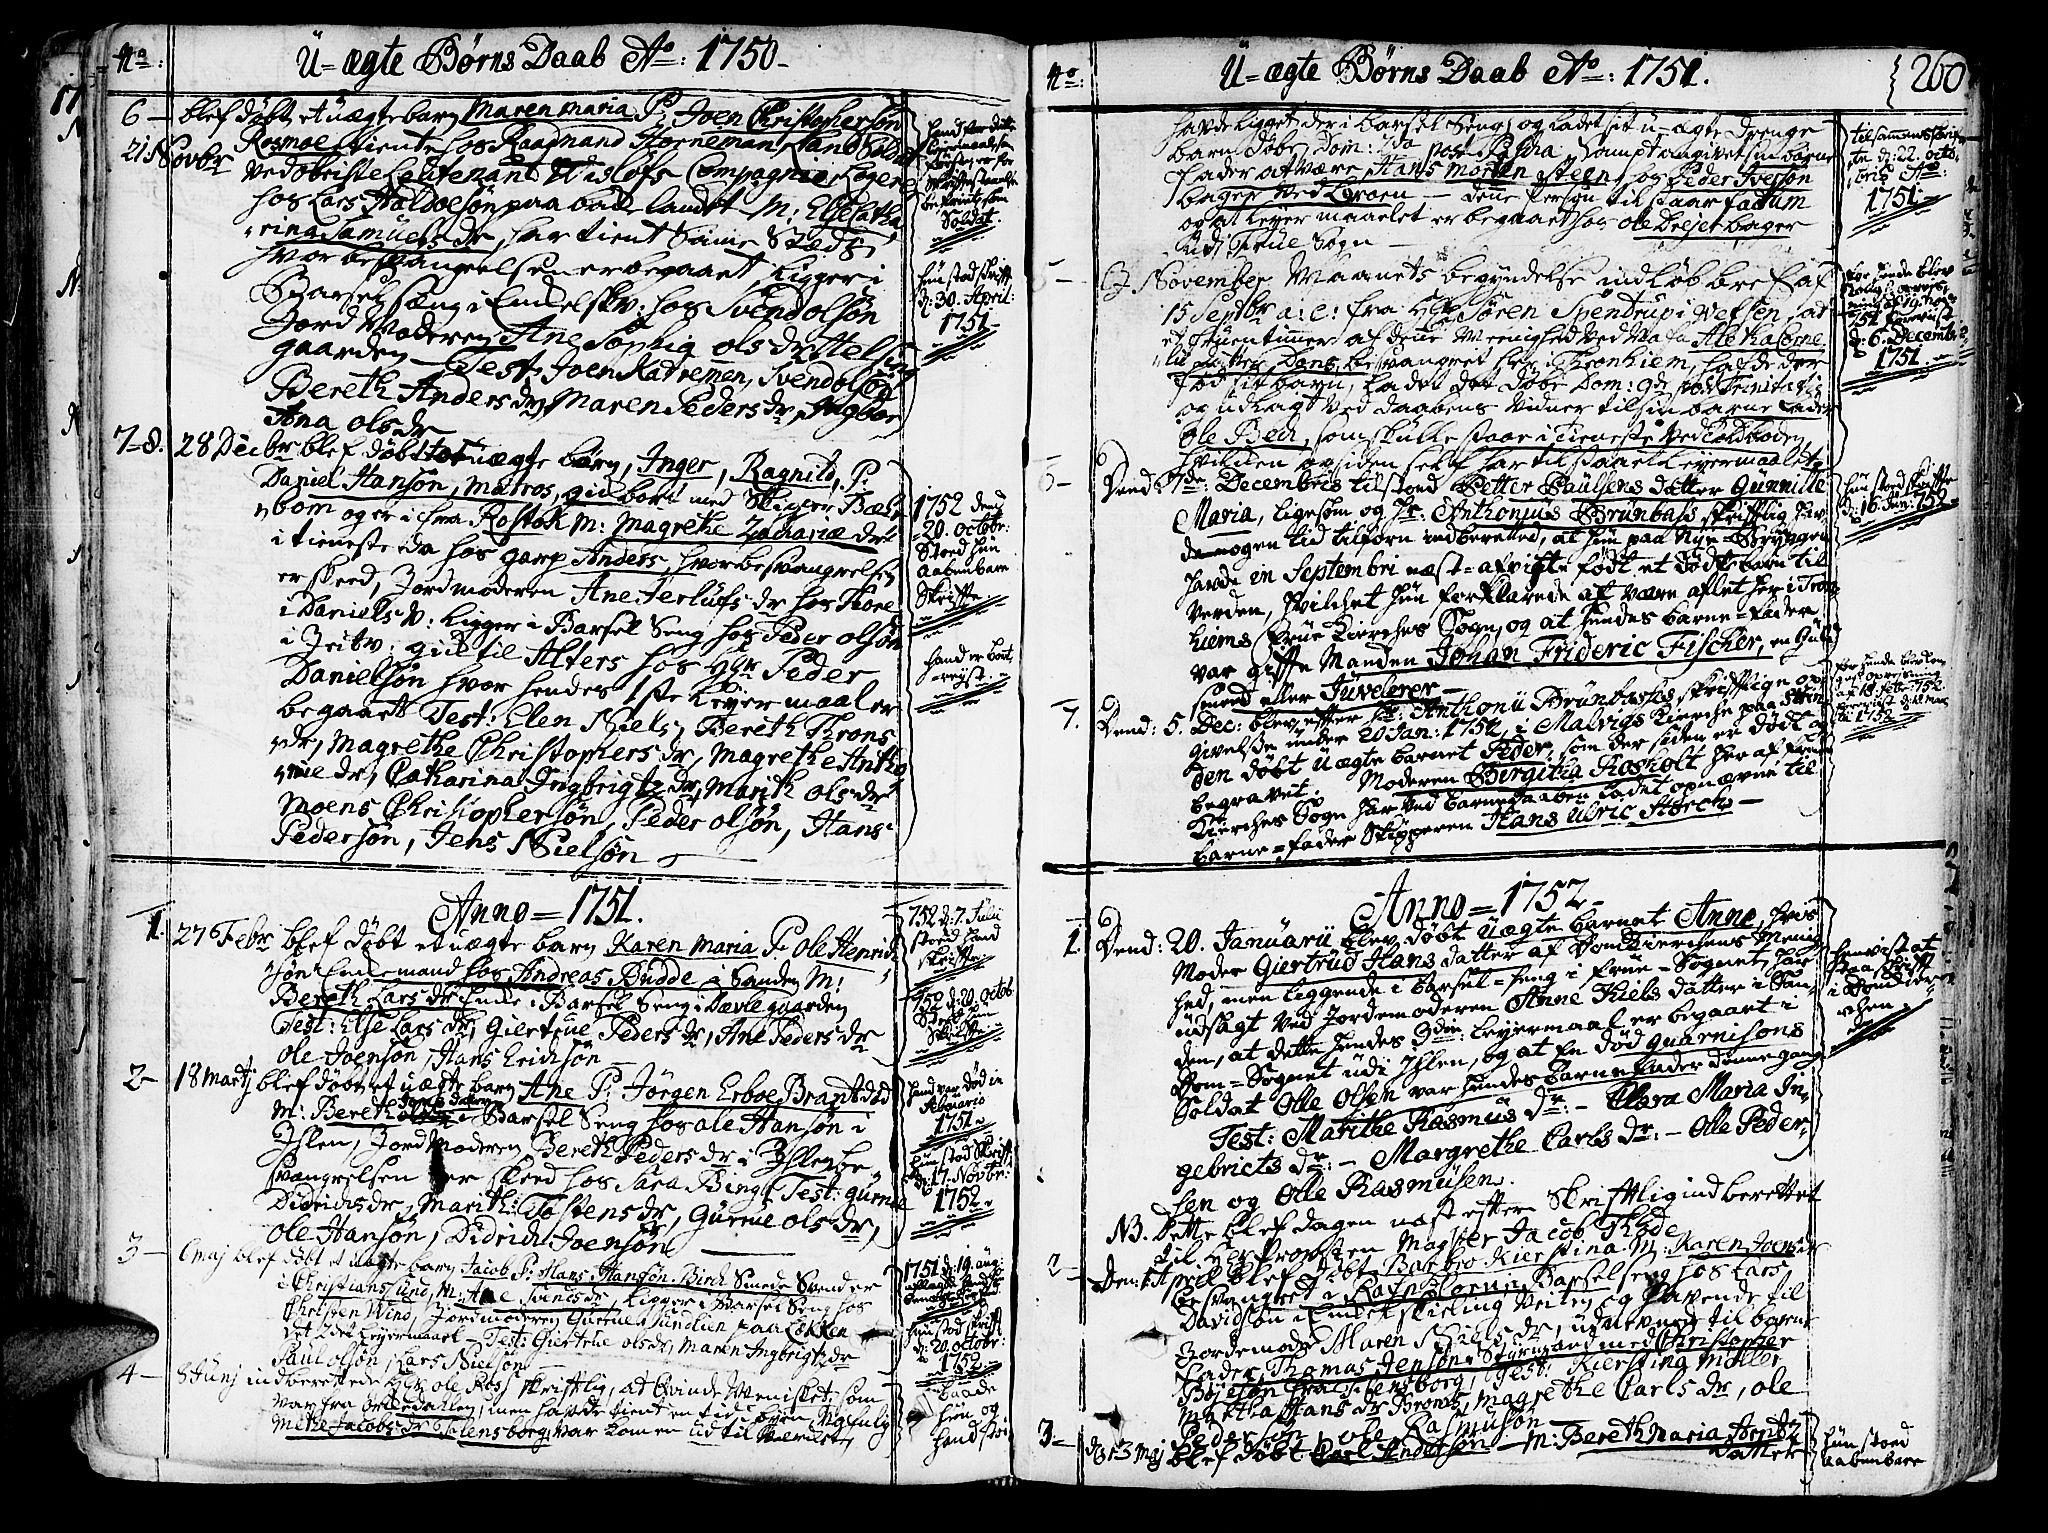 SAT, Ministerialprotokoller, klokkerbøker og fødselsregistre - Sør-Trøndelag, 602/L0103: Ministerialbok nr. 602A01, 1732-1774, s. 260